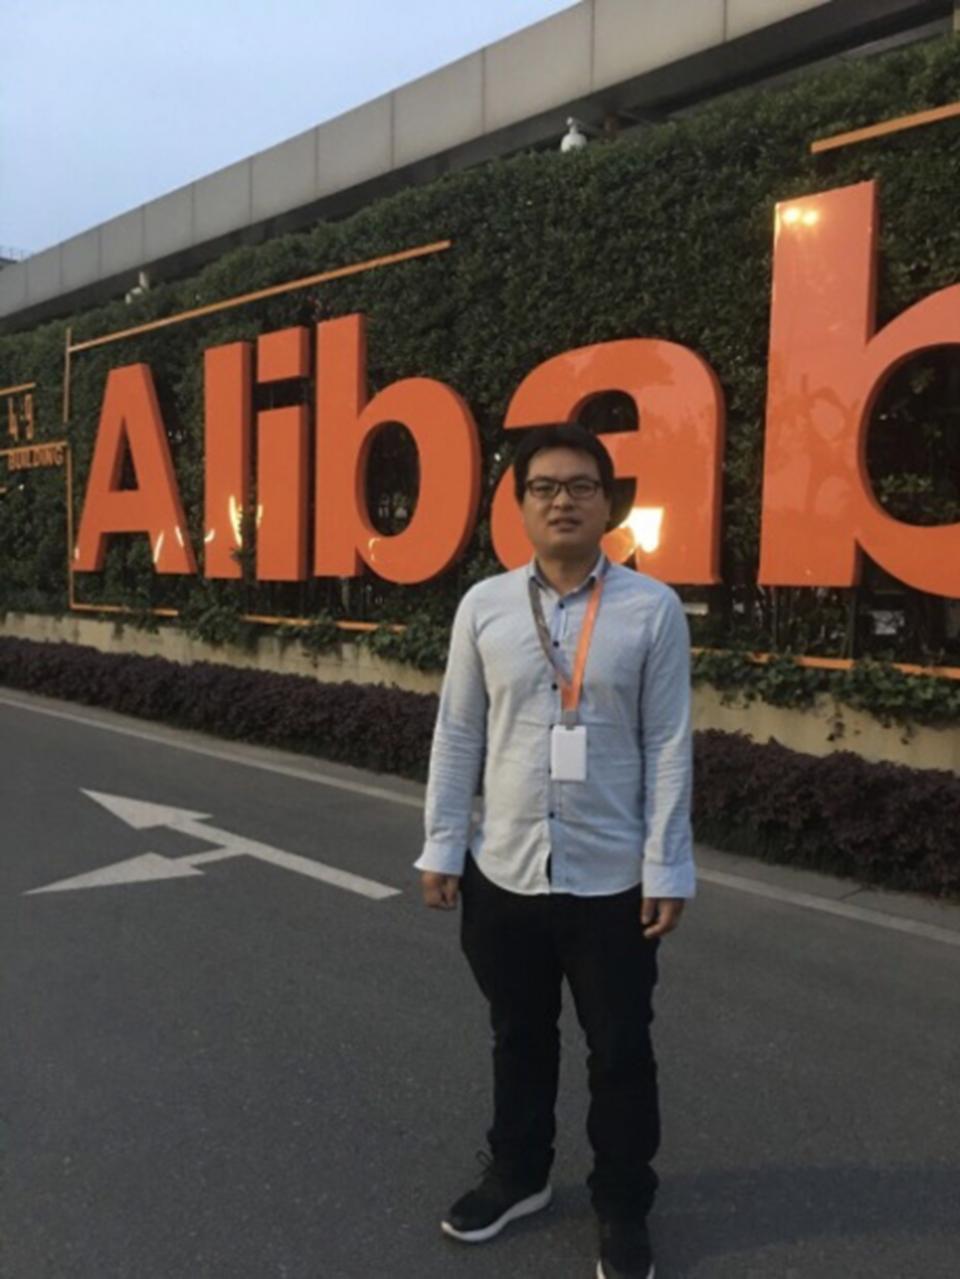 信息人:程树华,阿里巴巴集团资深数据挖掘工程师